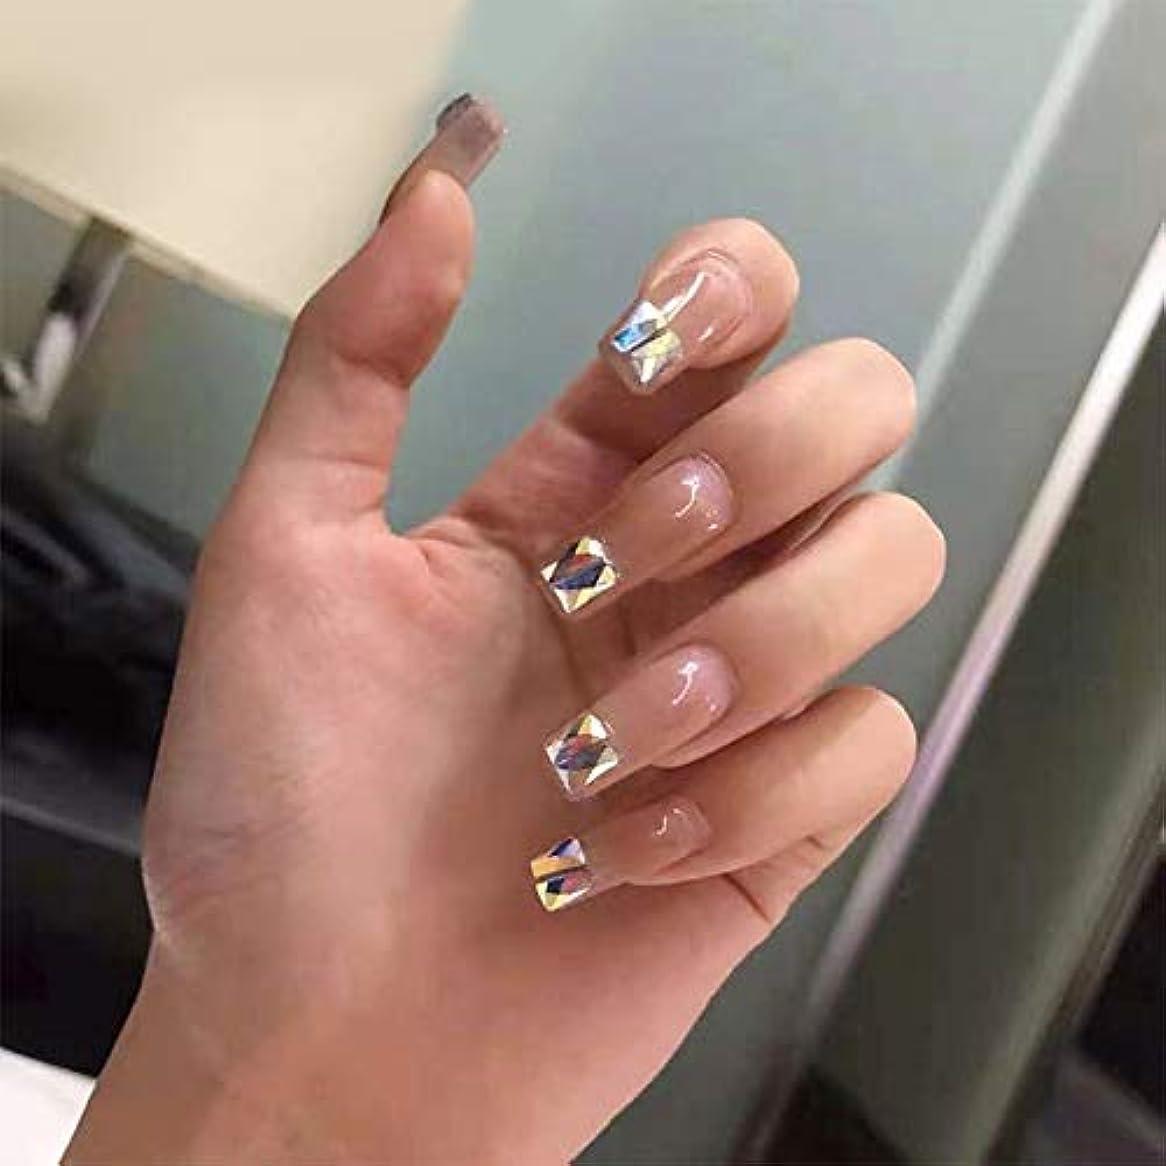 命令卵啓発するXUTXZKA 美しい純粋な色のダイヤモンド偽の爪花嫁フル爪のヒント女性装飾爪